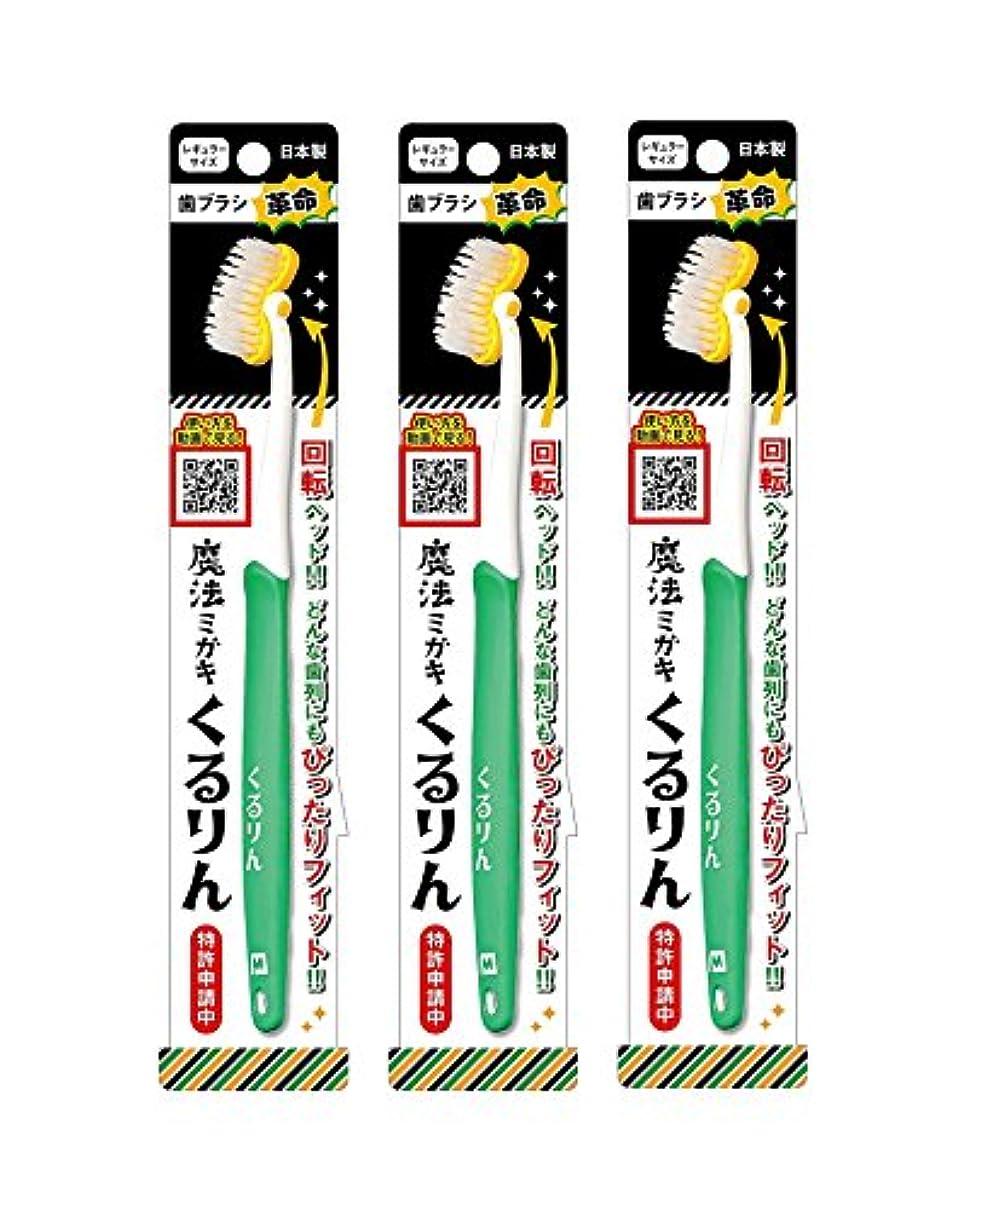 ラバ蓮炭素歯ブラシ革命 魔法ミガキくるりん MM-151 グリーン 3本セット